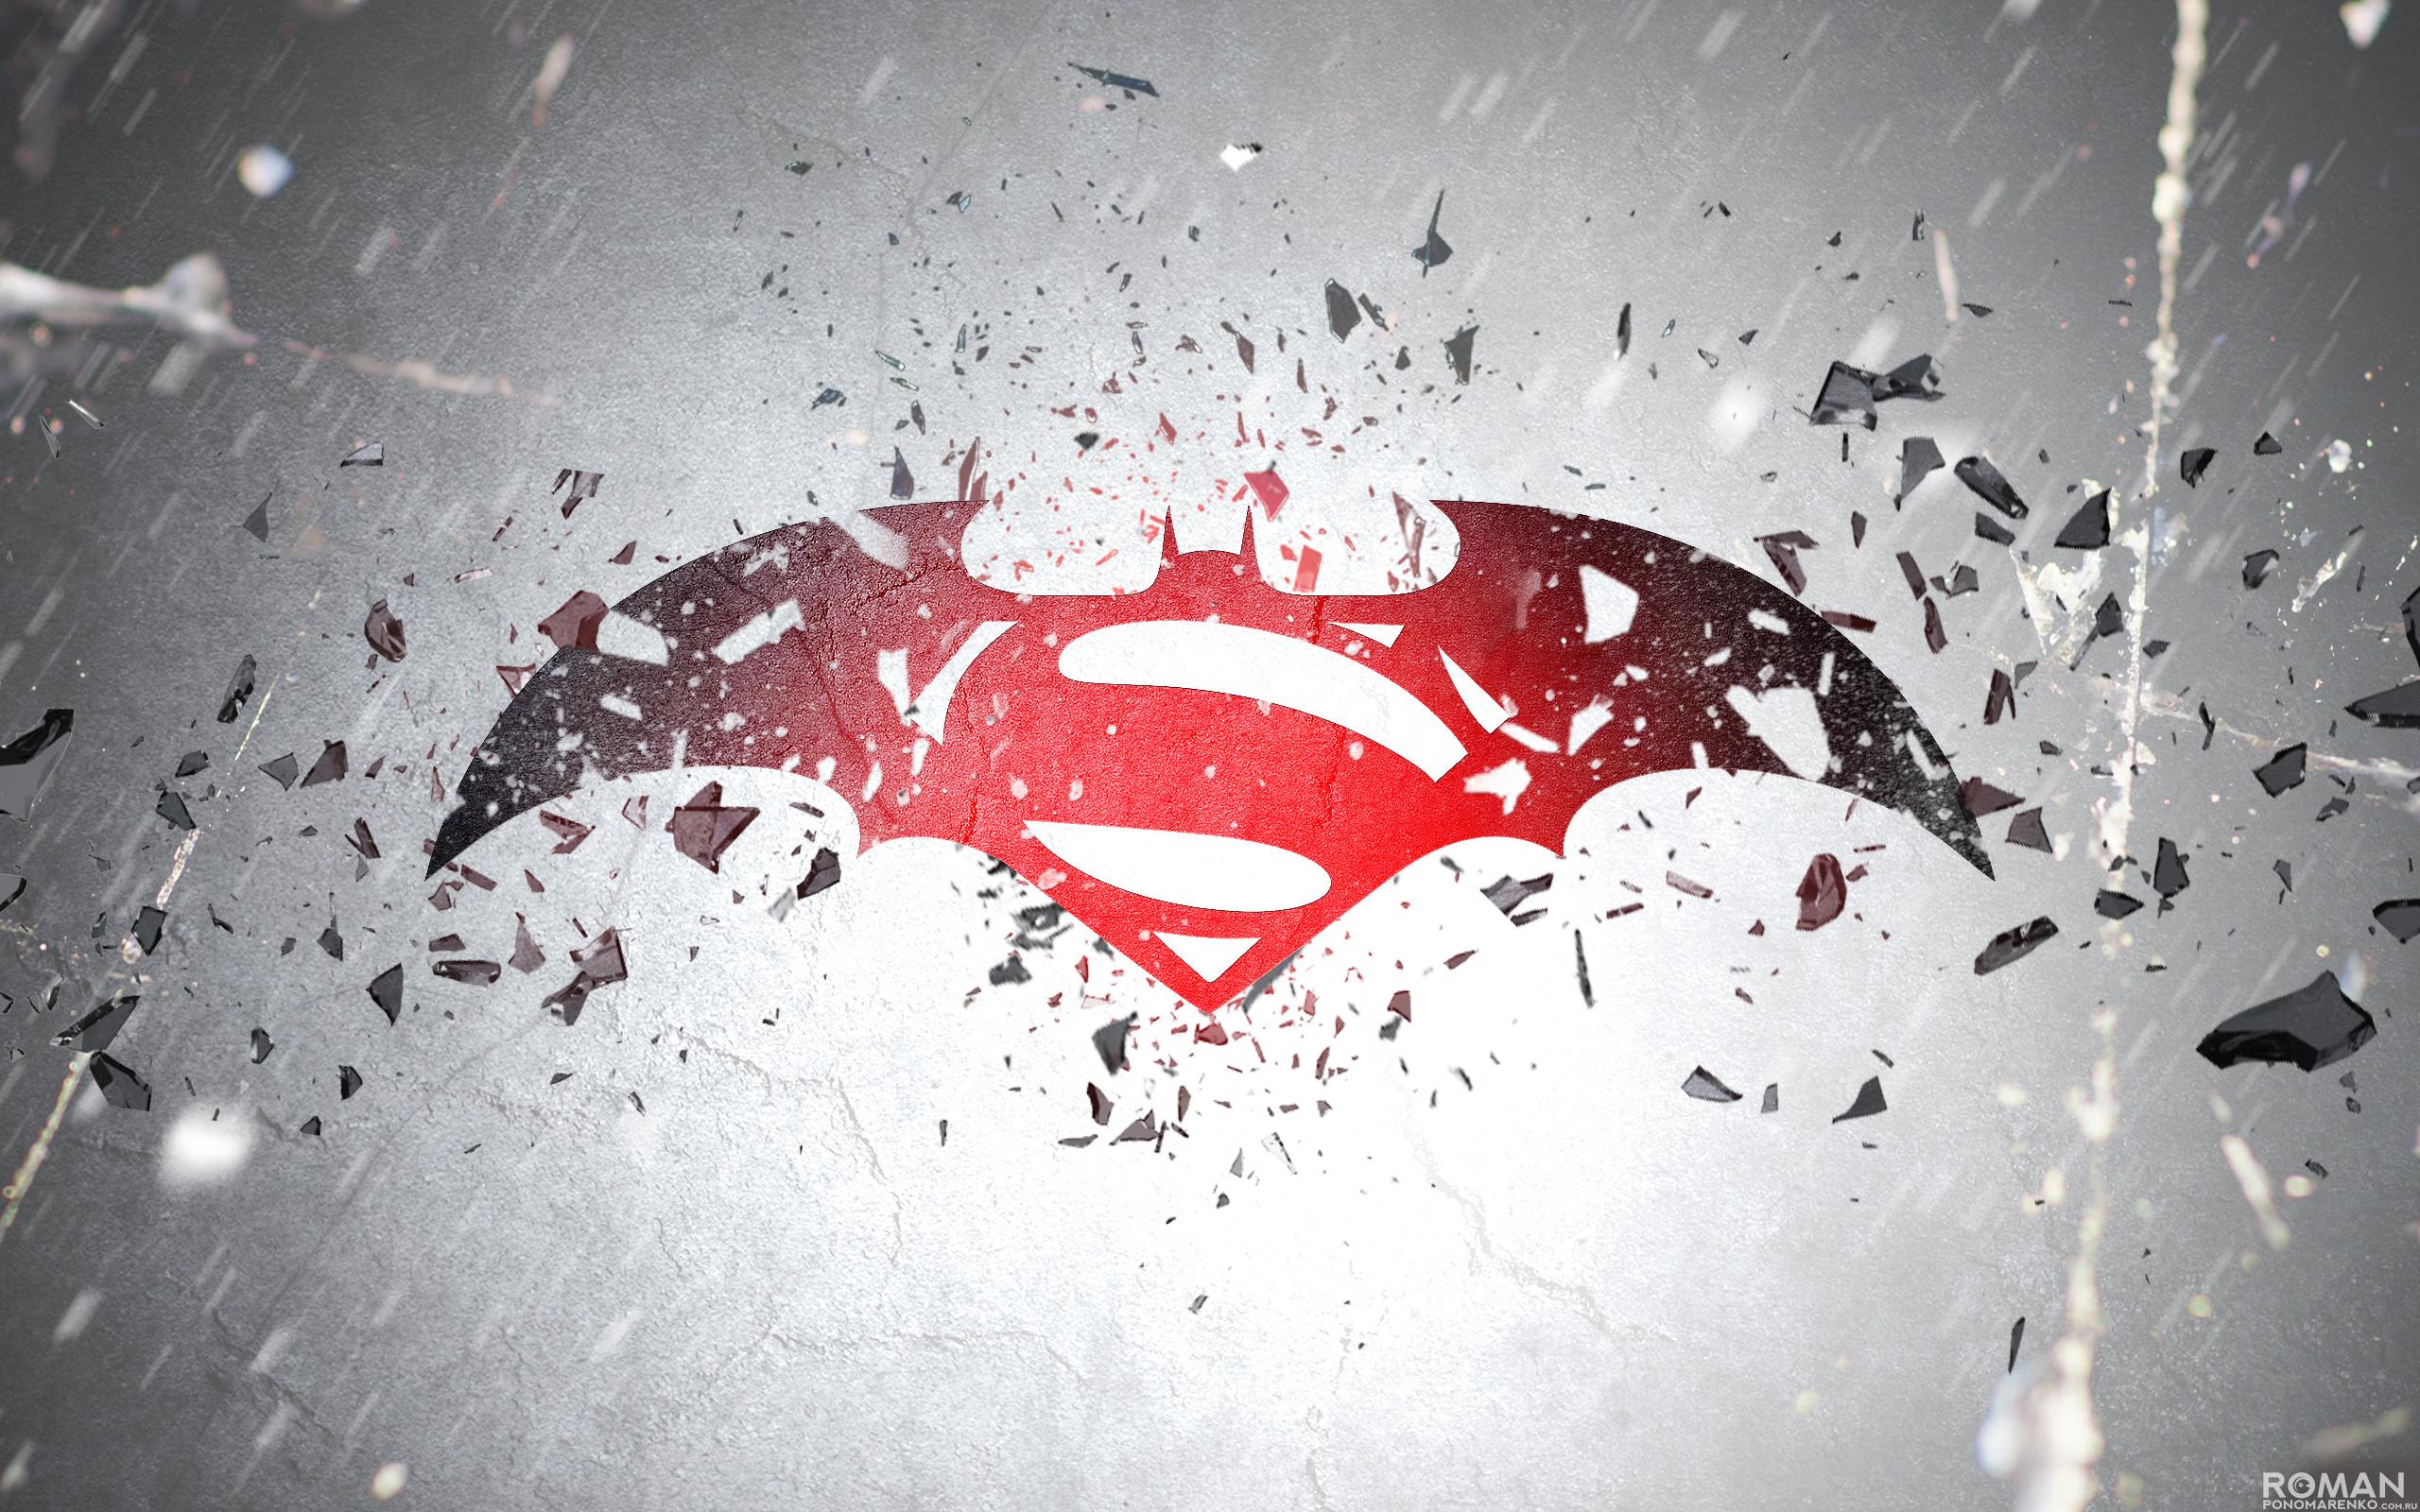 Download Batman V Superman Logo HD Wallpaper 6800 Full Size 2560x1600